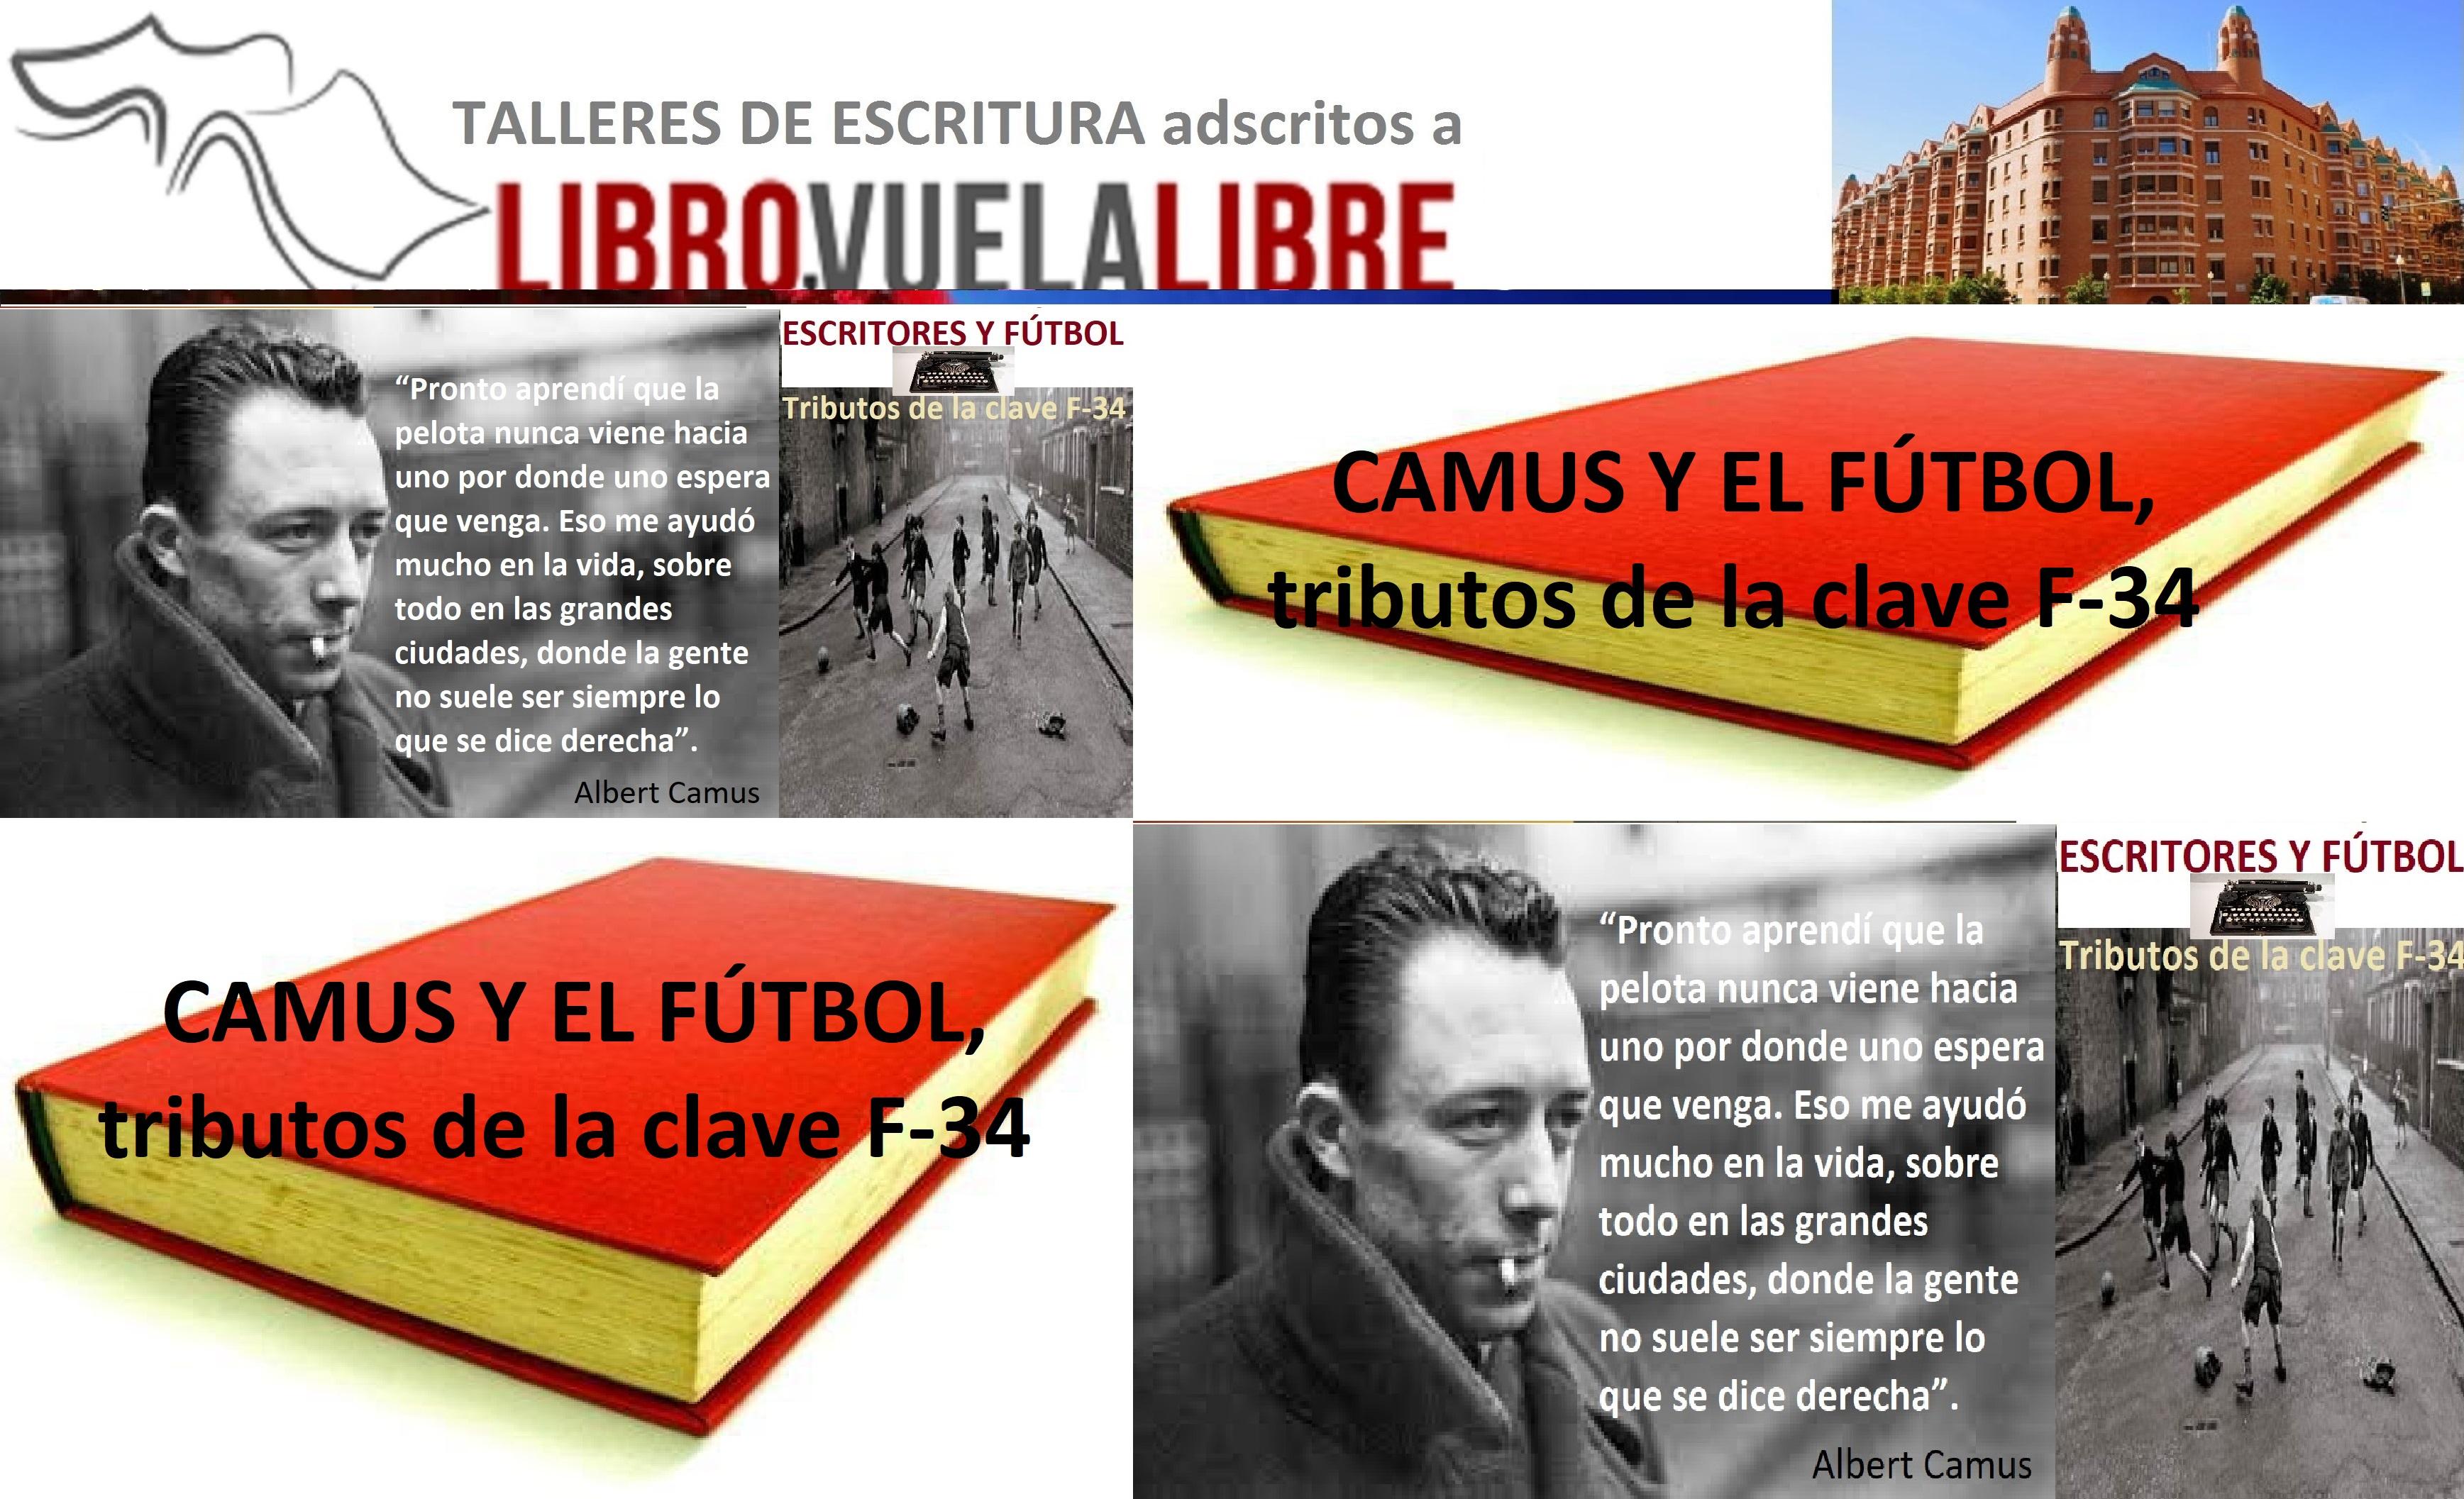 CAMUS Y EL FÚTBOL. Eventos literarios de la clave F-34